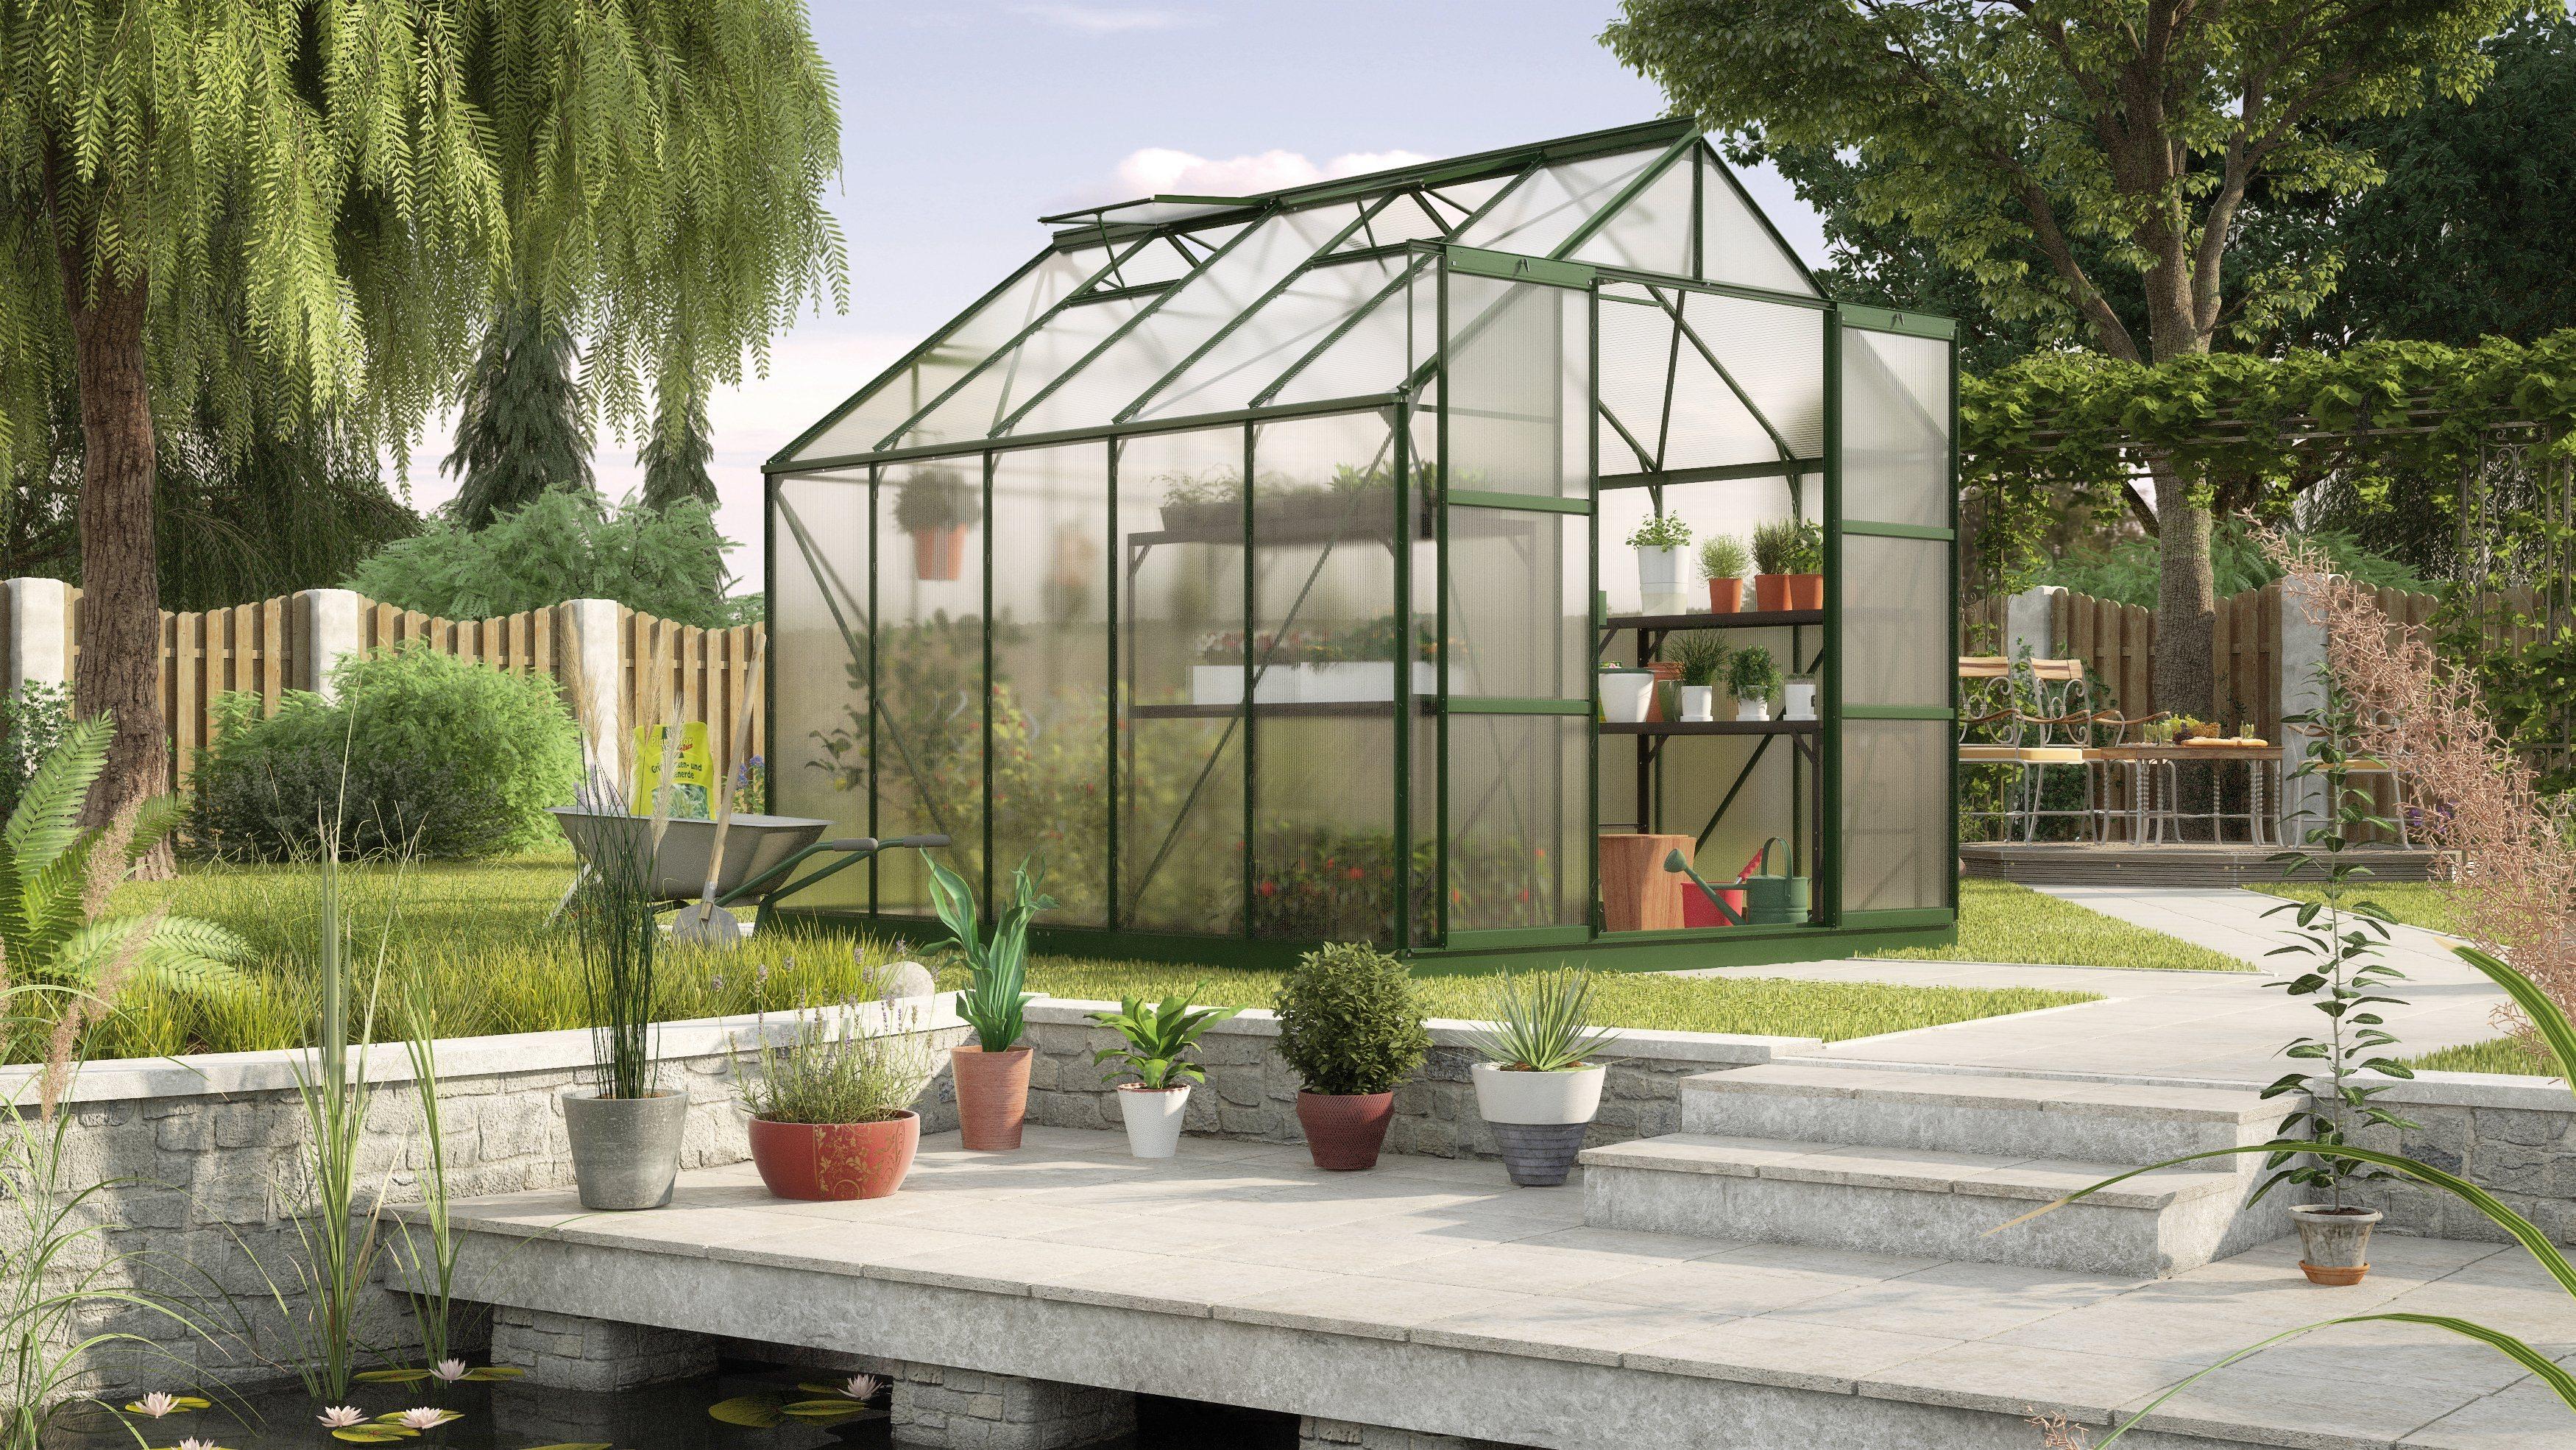 KONIFERA Gewächshaus »Titania 8300«, B/T/H: 254/317/246 cm, grün, 4 mm | Garten > Gewächshäuser | KONIFERA